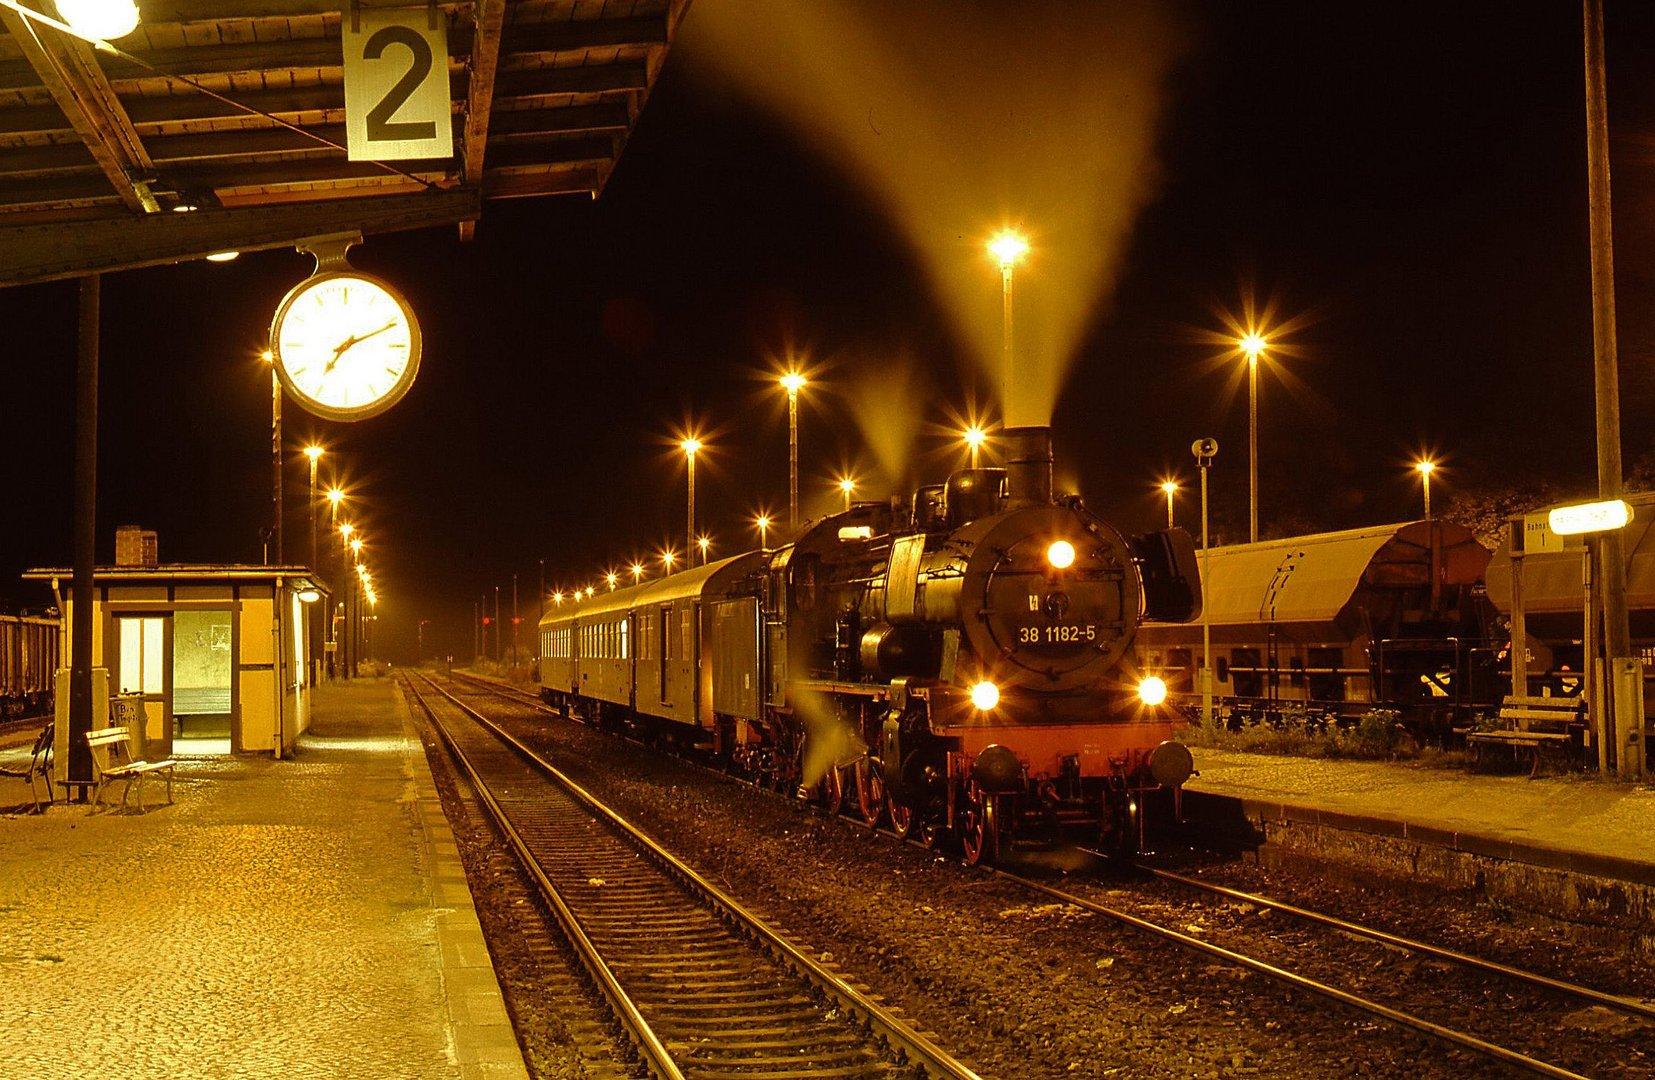 38 1182 mit Personenzug am Bahnsteig